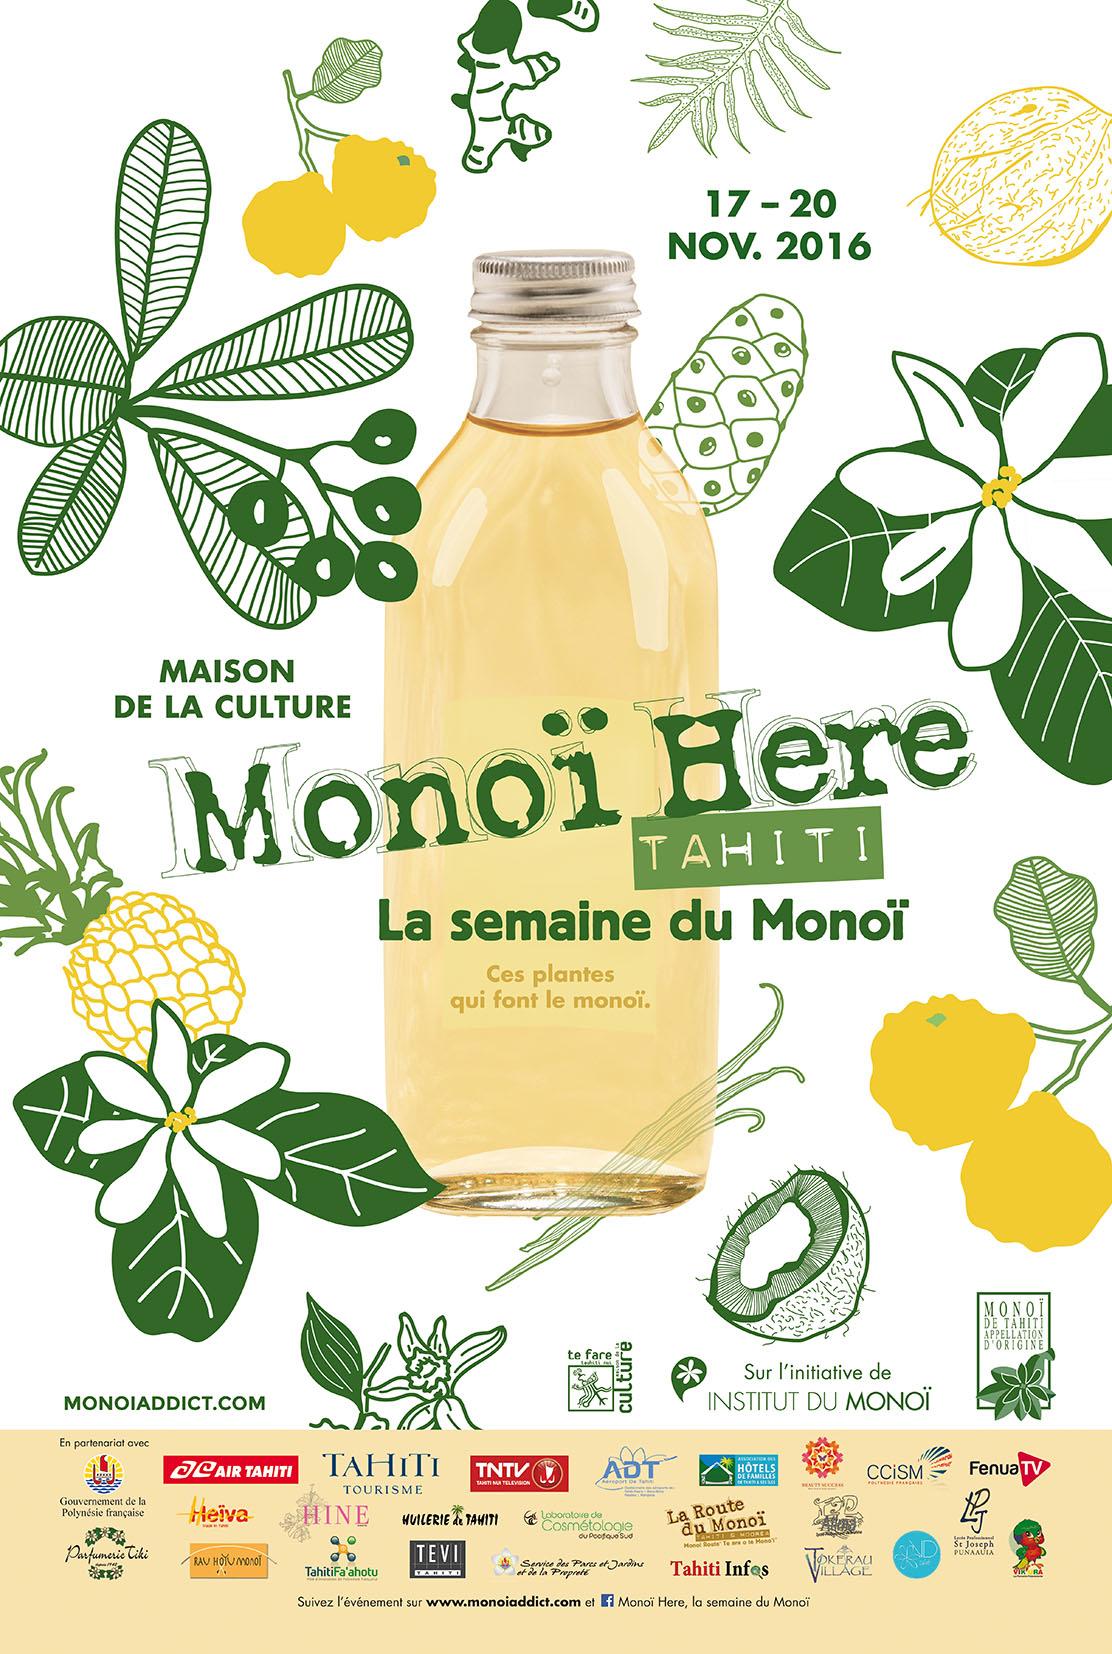 monoi-here-2016-aff-40x60cm